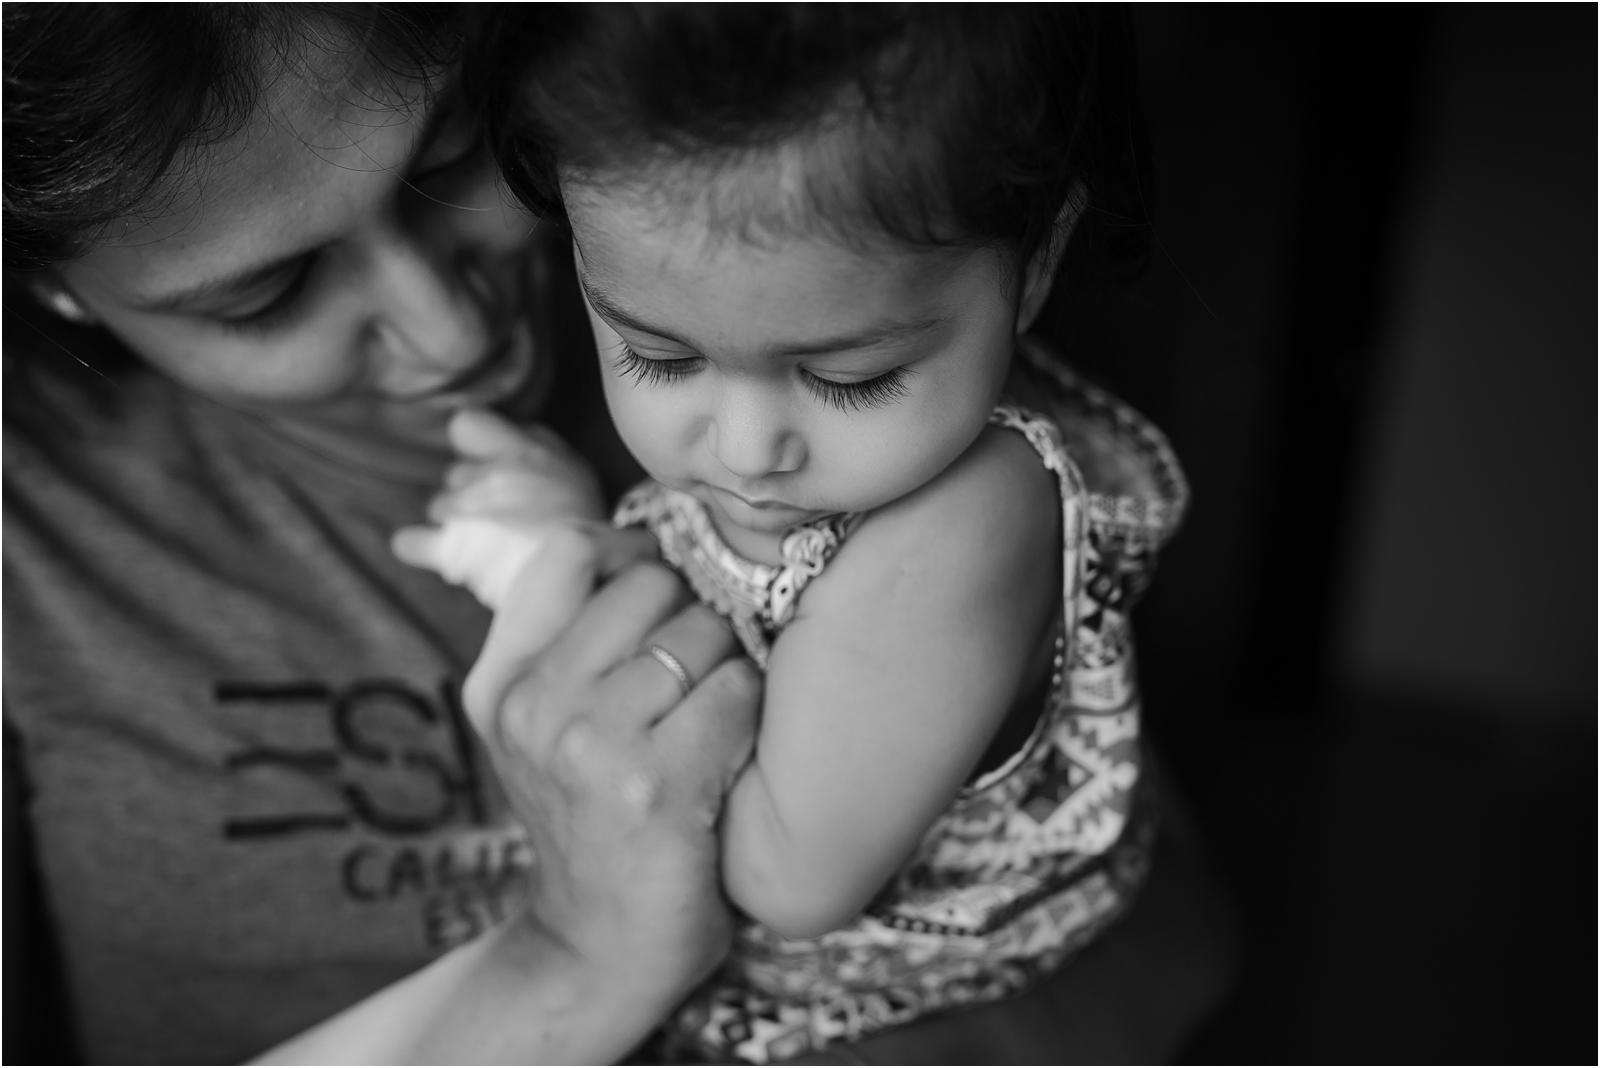 27042017-Deeksha-turns-one-family-shoot-421.JPG